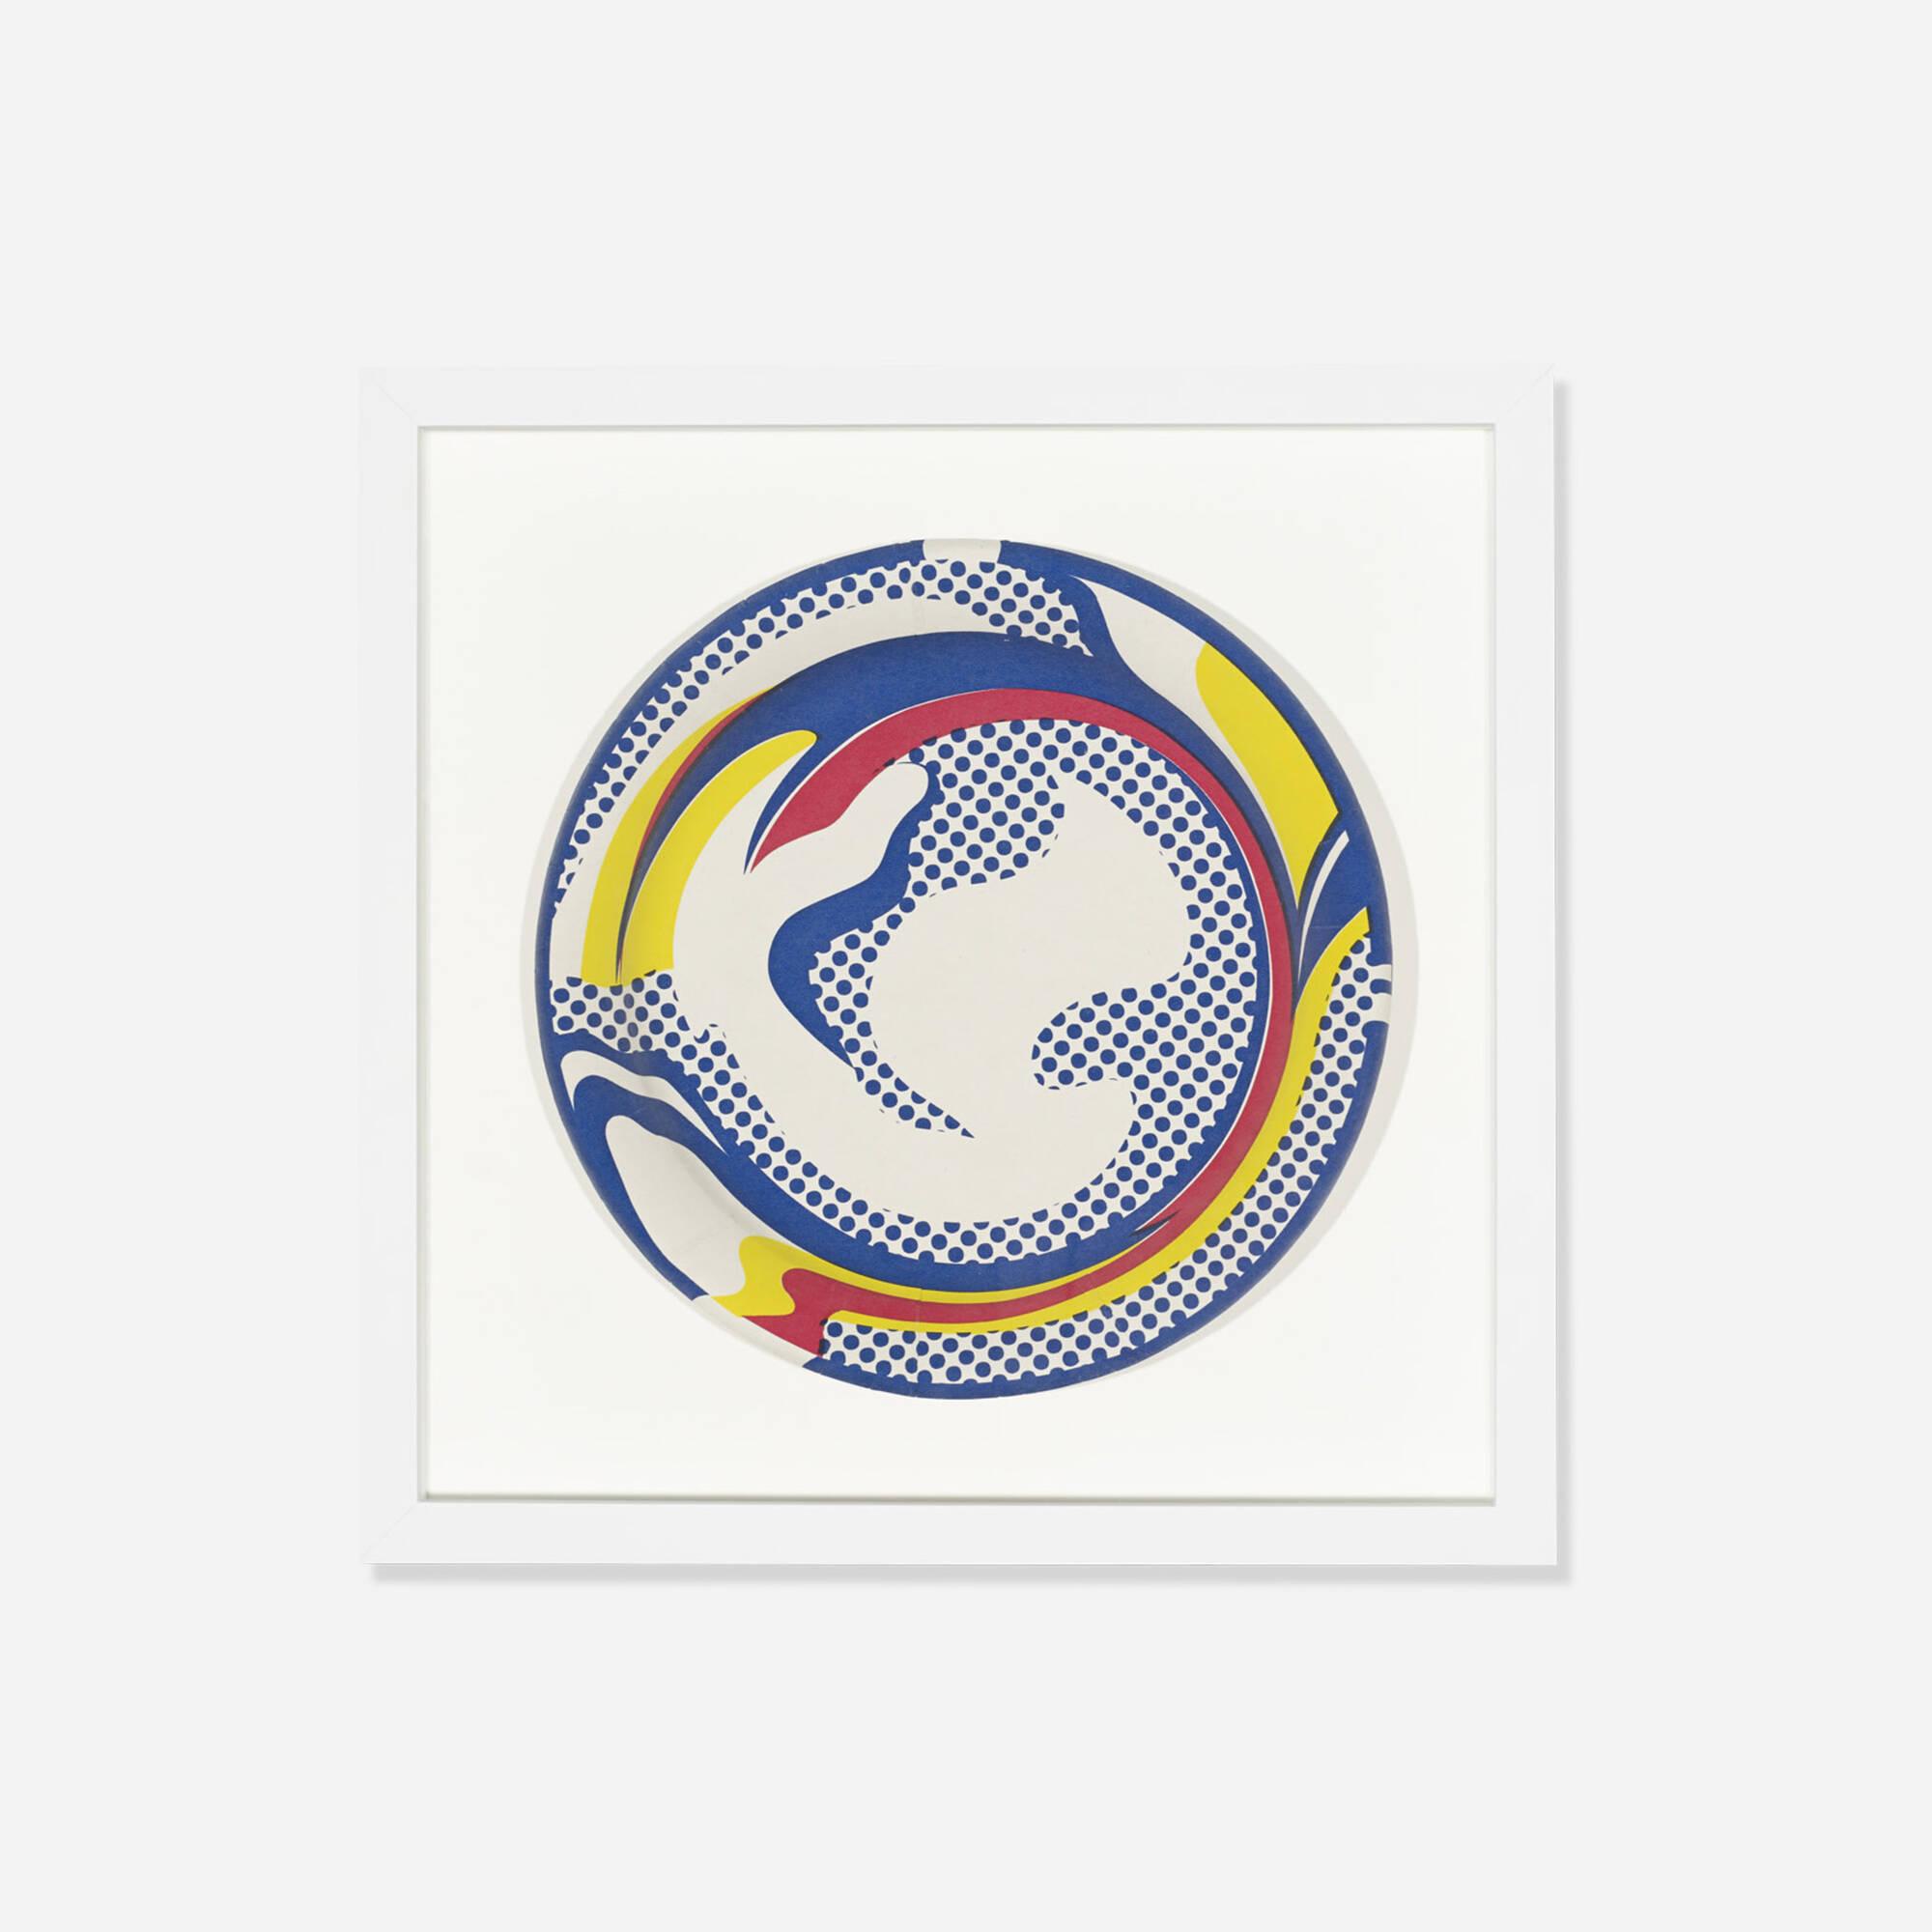 367: Roy Lichtenstein / Paper Plate (1 of 1)